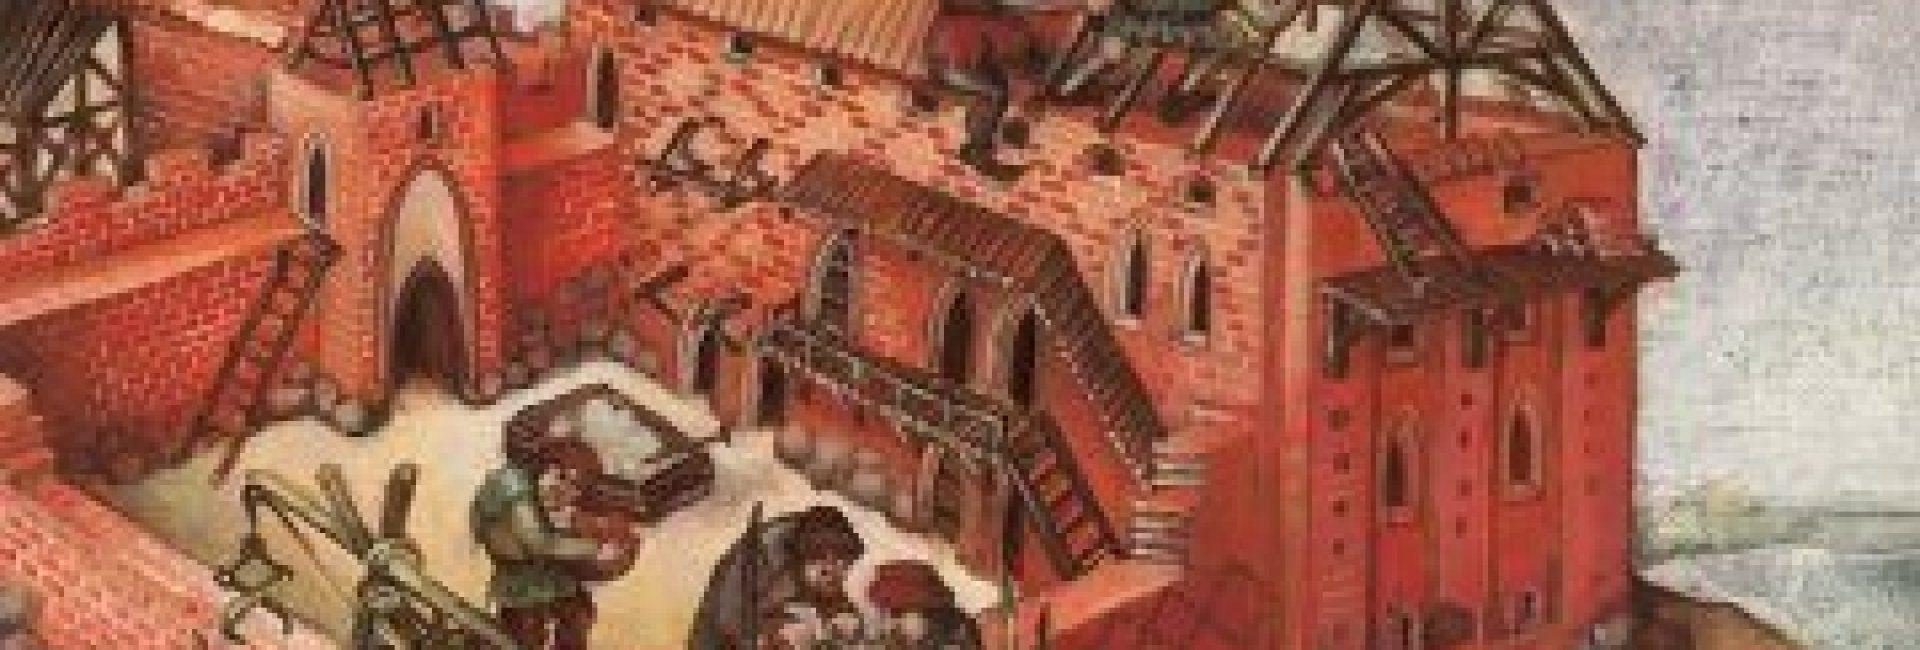 Zamki Państwa Krzyżackiego w Prusach - wystawa